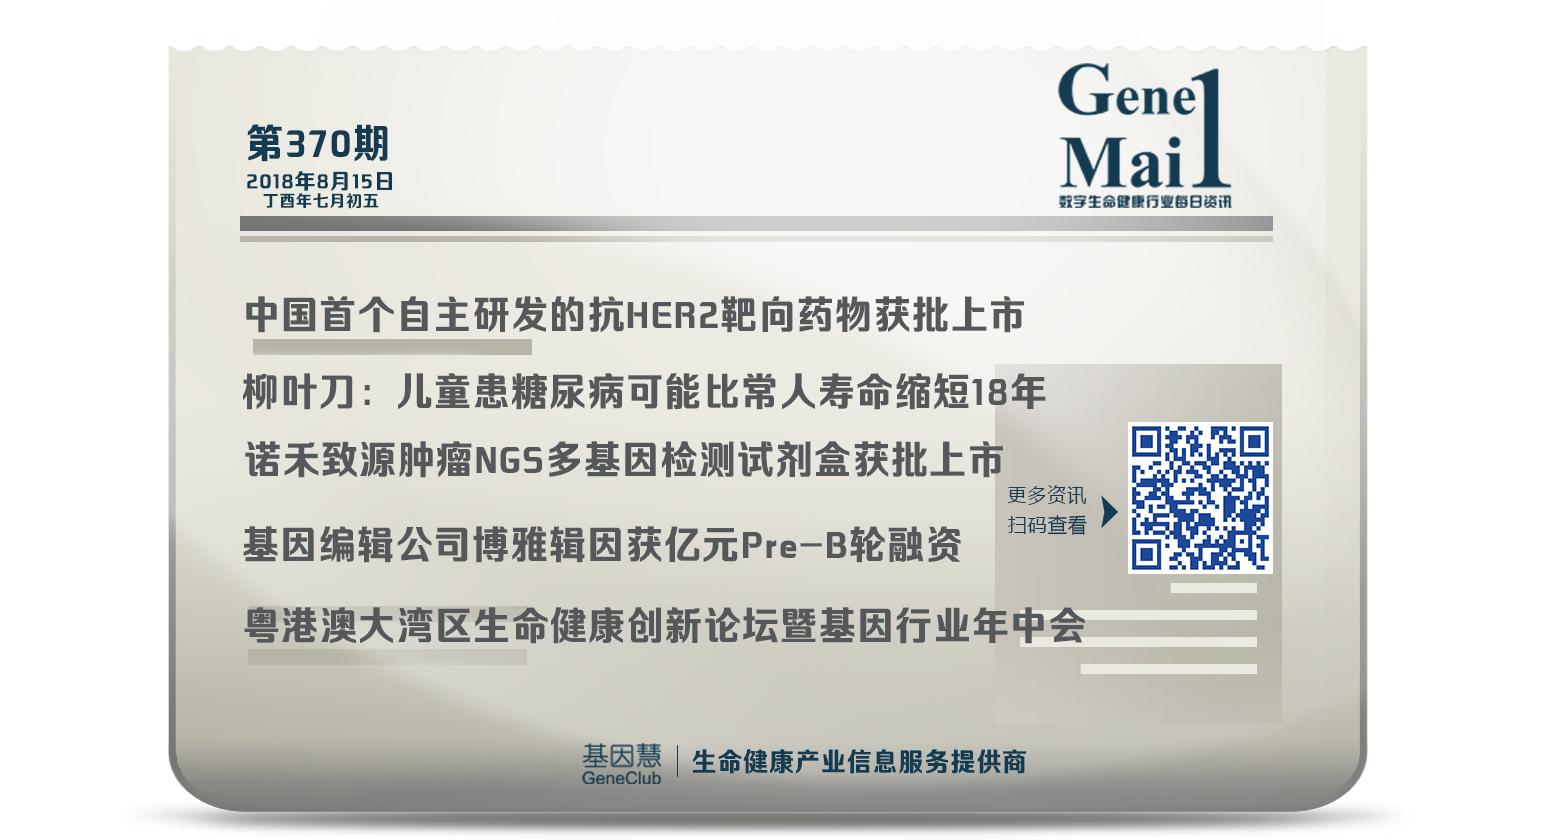 GeneMail | 中国首个自主研发的抗HER2靶向药获国家药监局批准上市